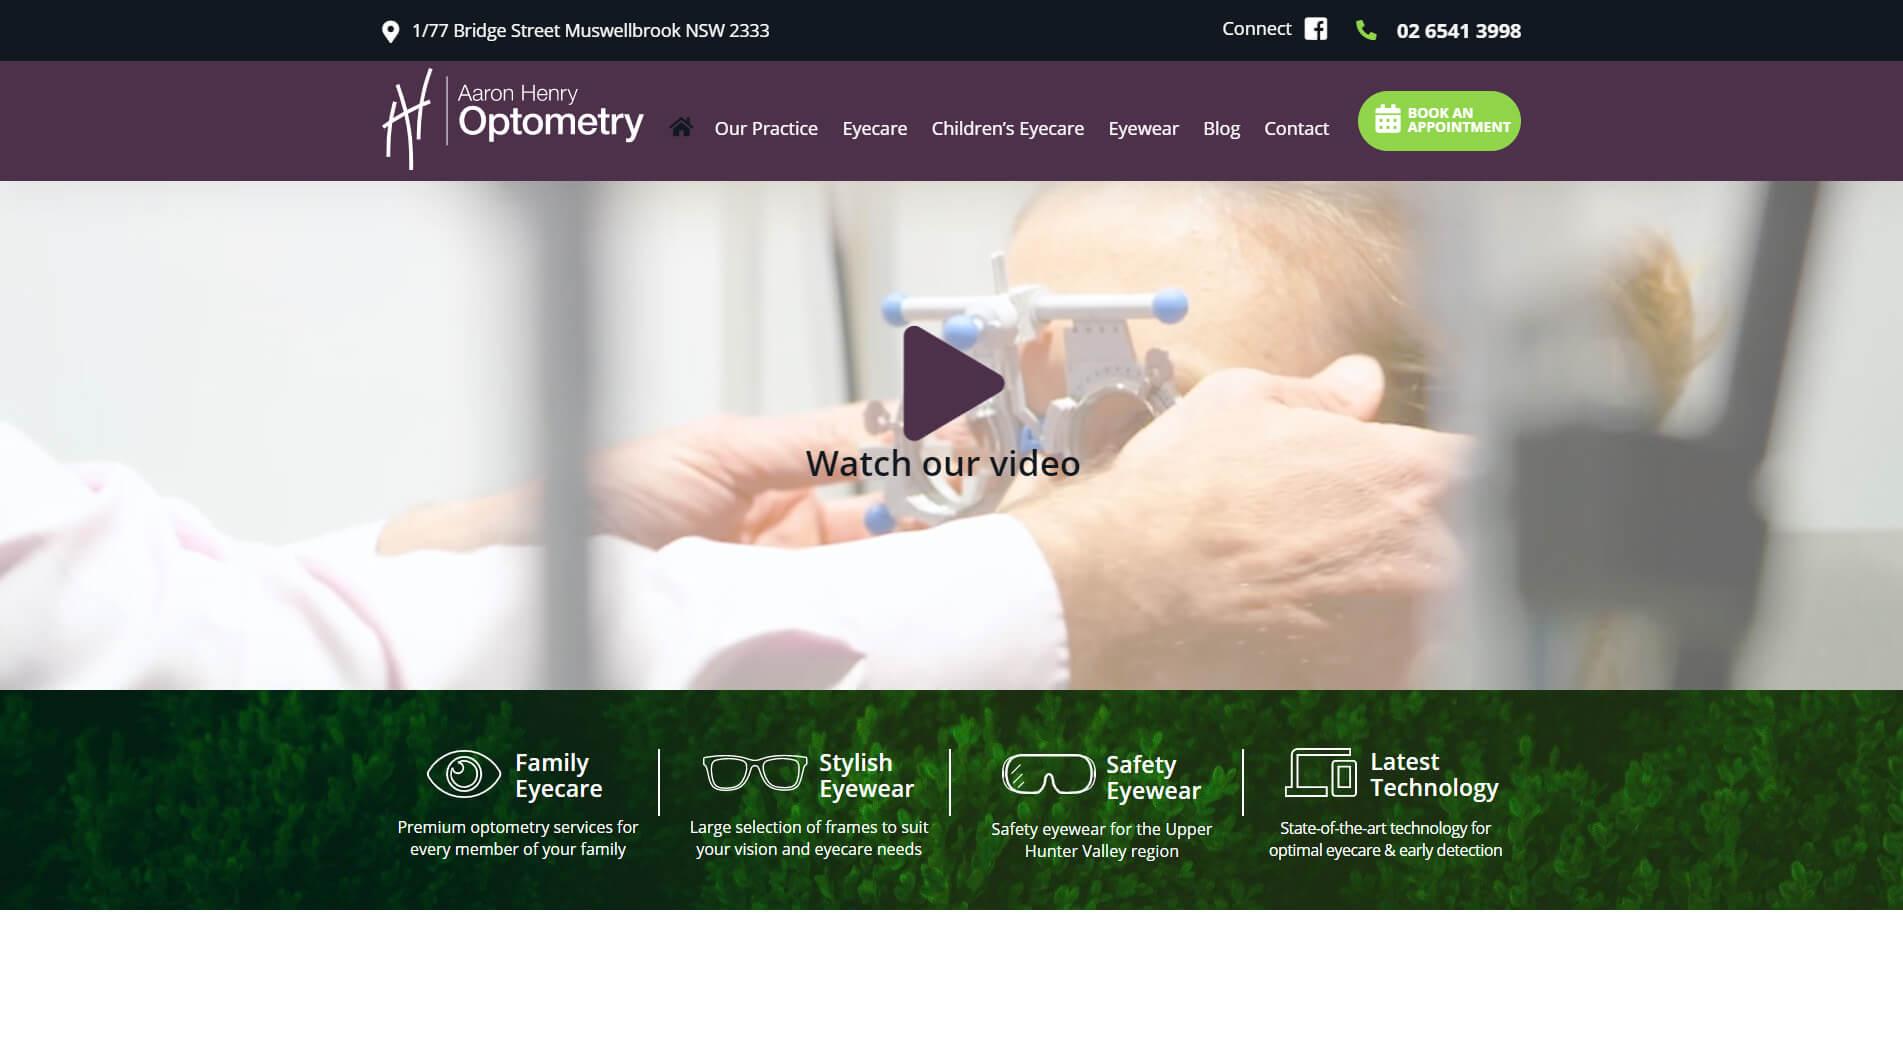 Aaron- Henry Optometry